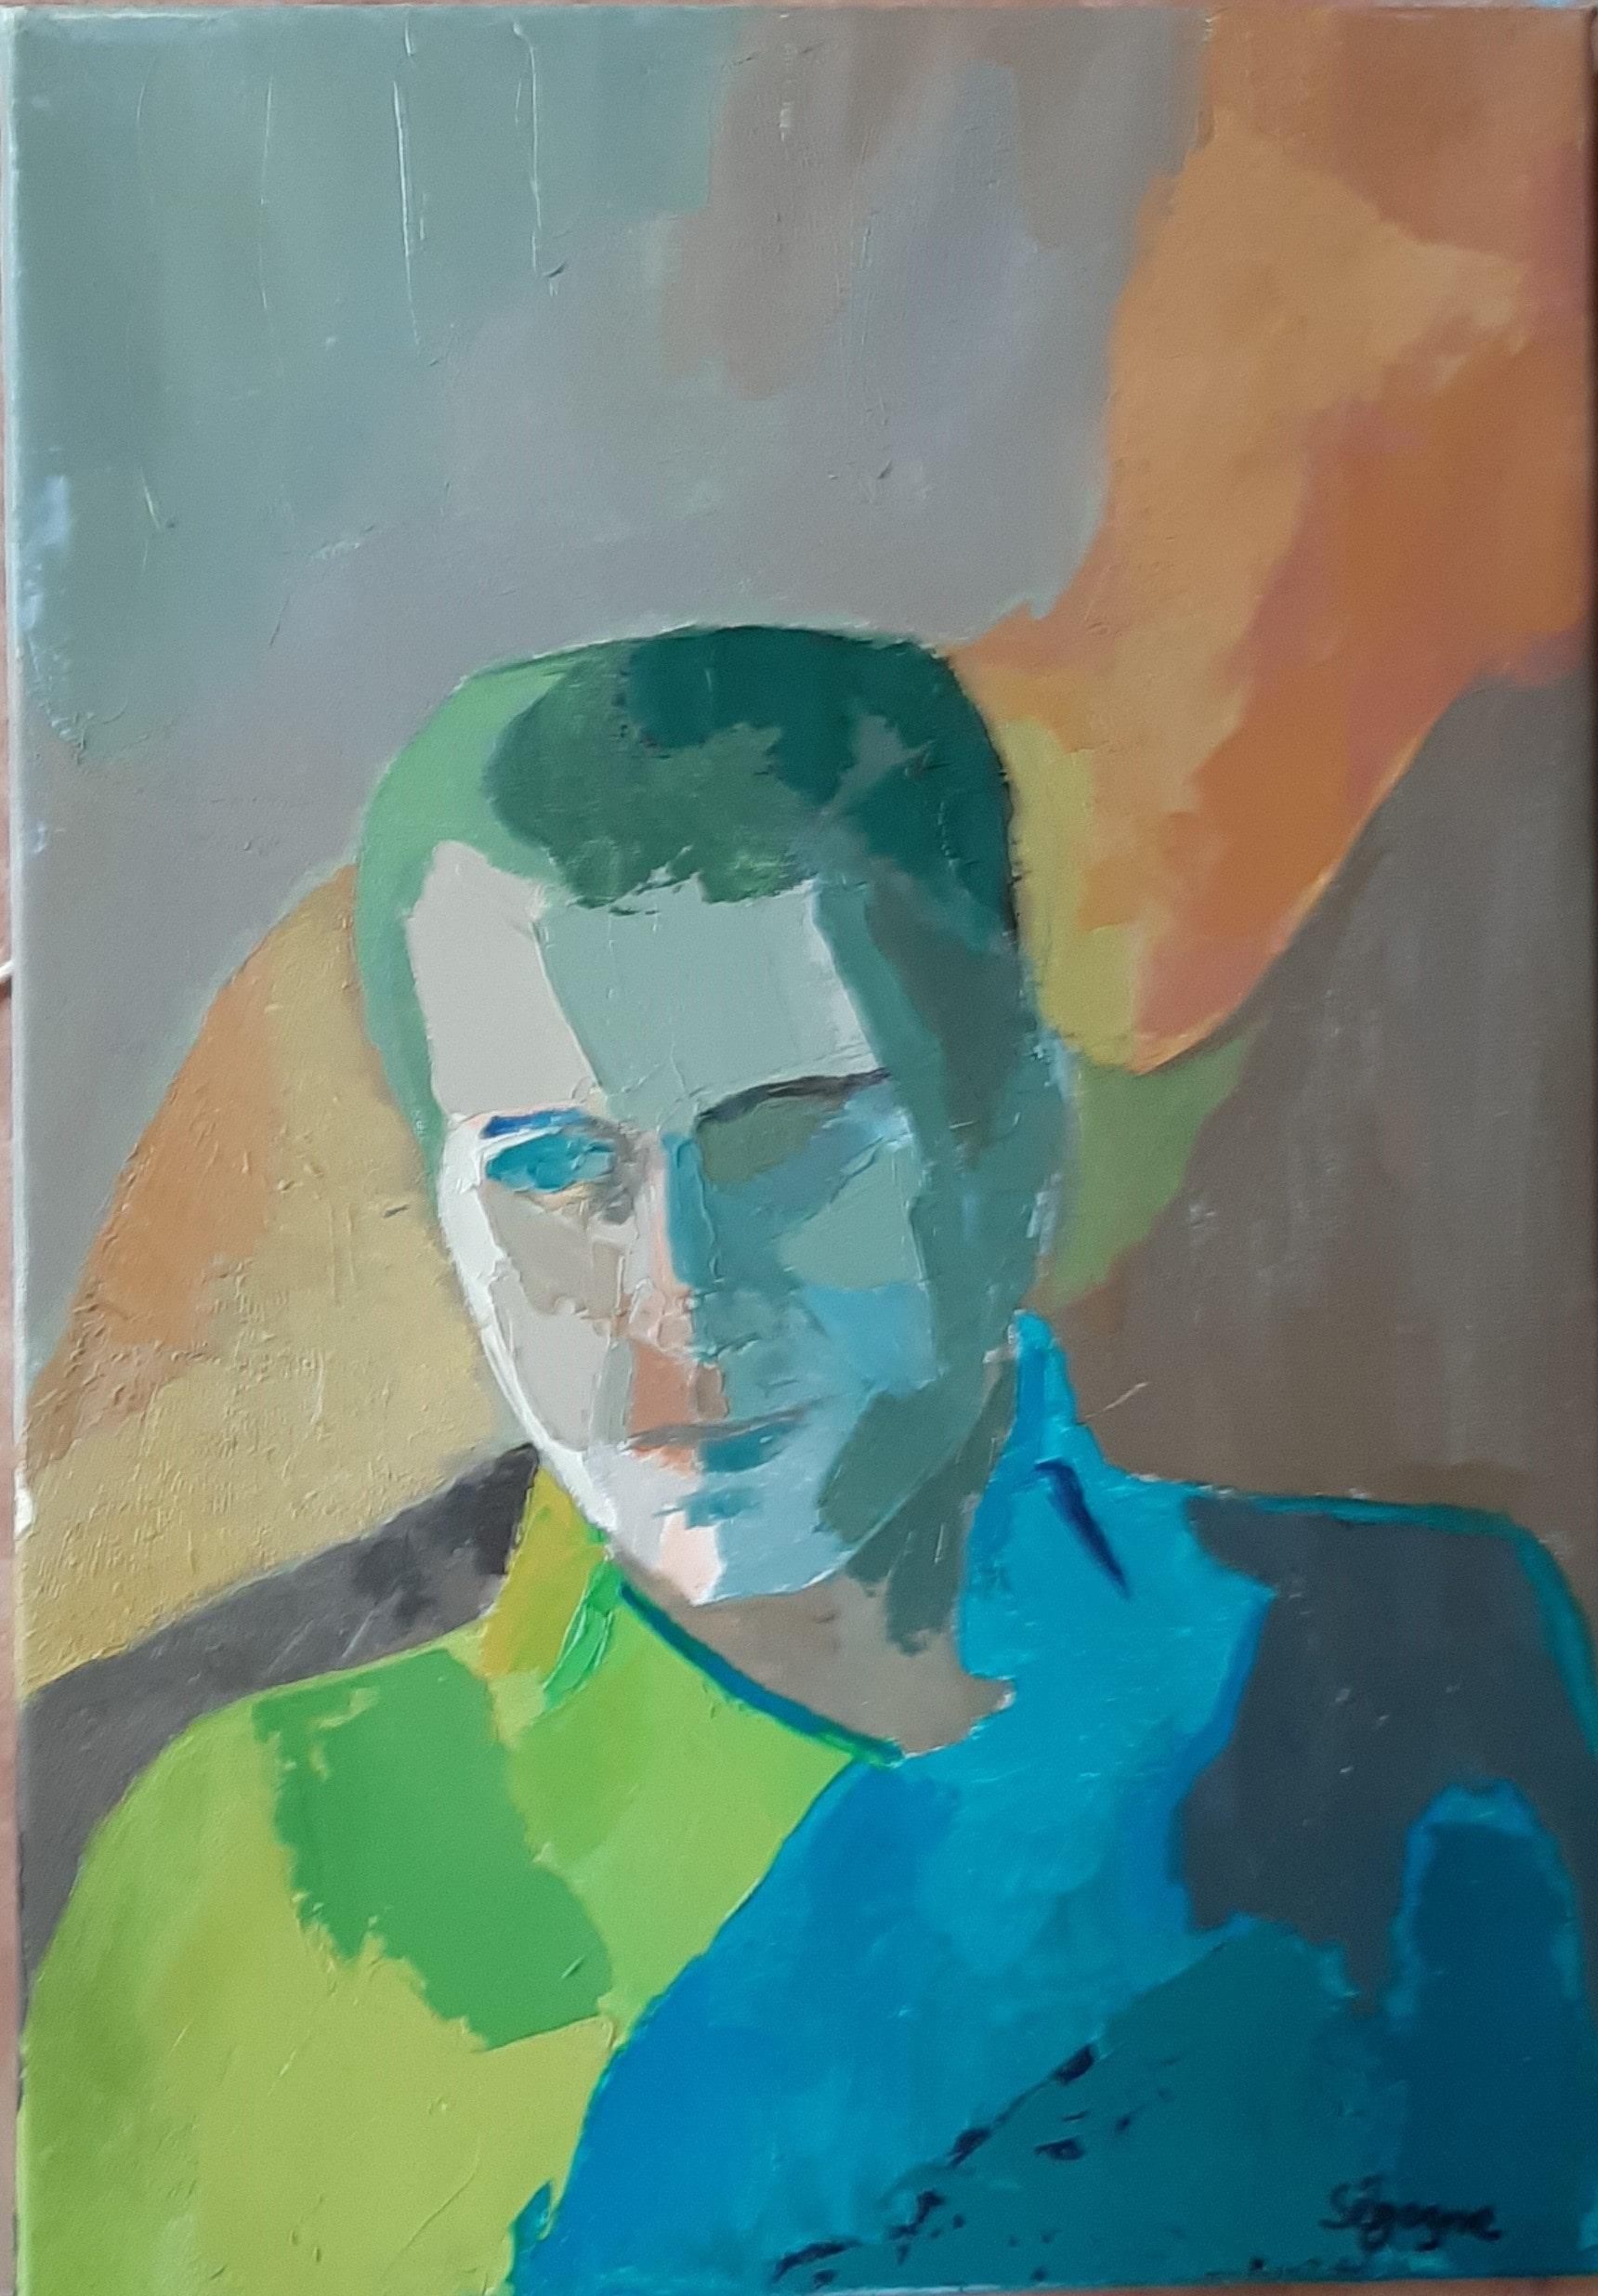 Hôtes et artistes en poitou - Portrait de Clide Owen